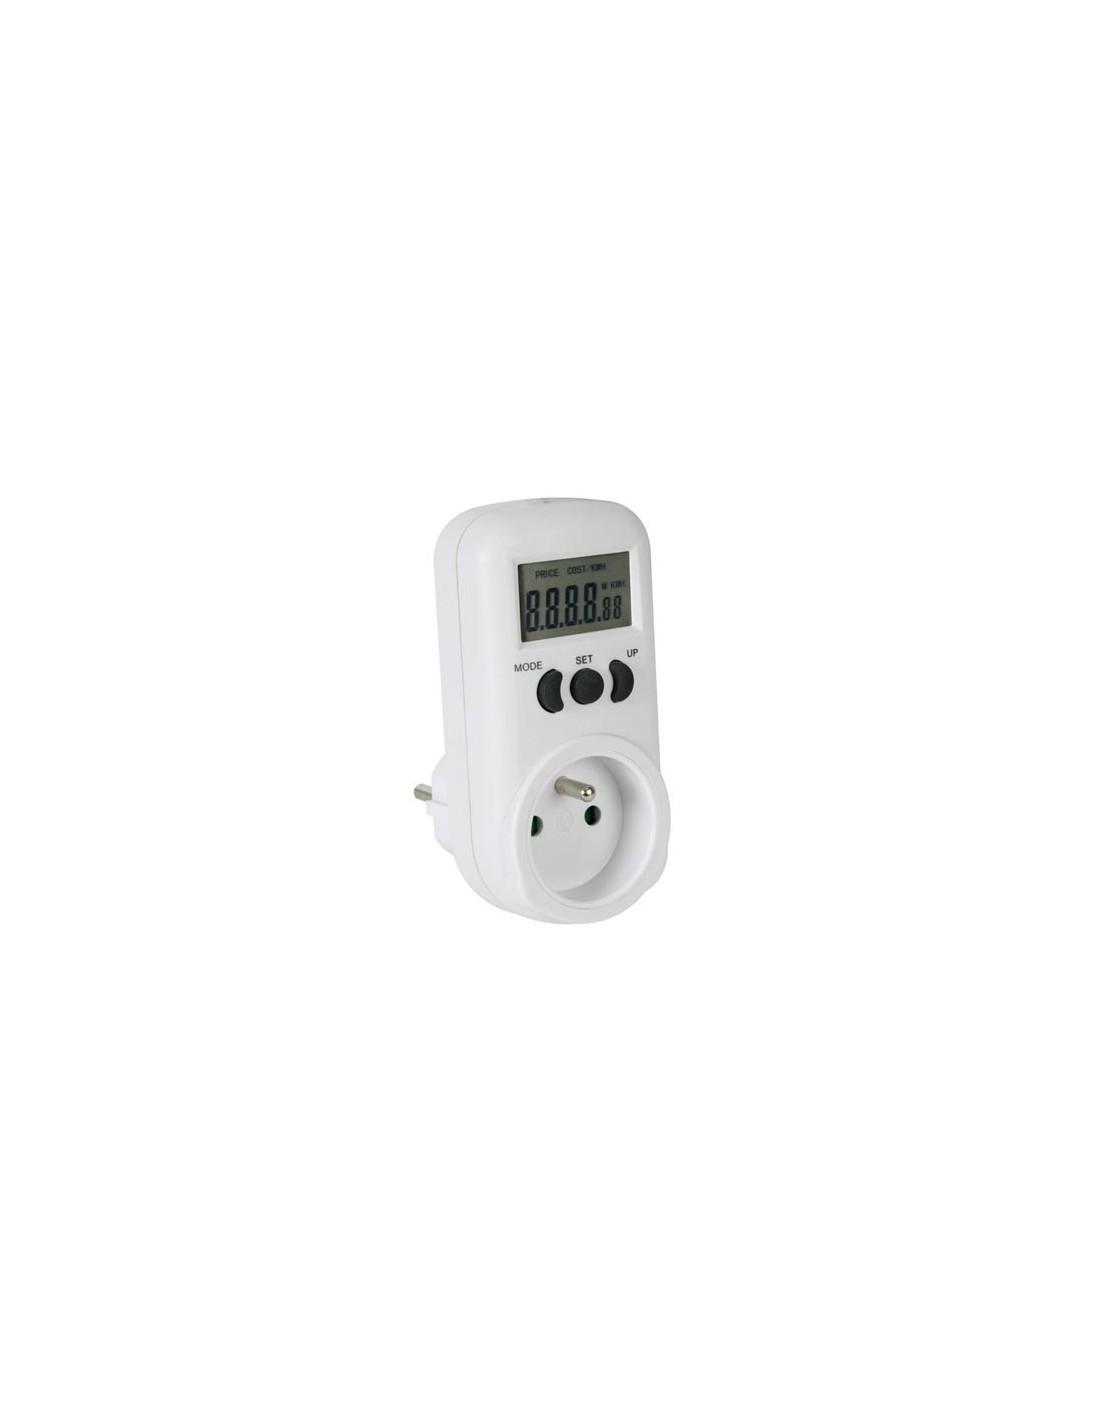 Compteur de consommation lectrique 230v 16a ebay - Surveiller consommation electrique ...